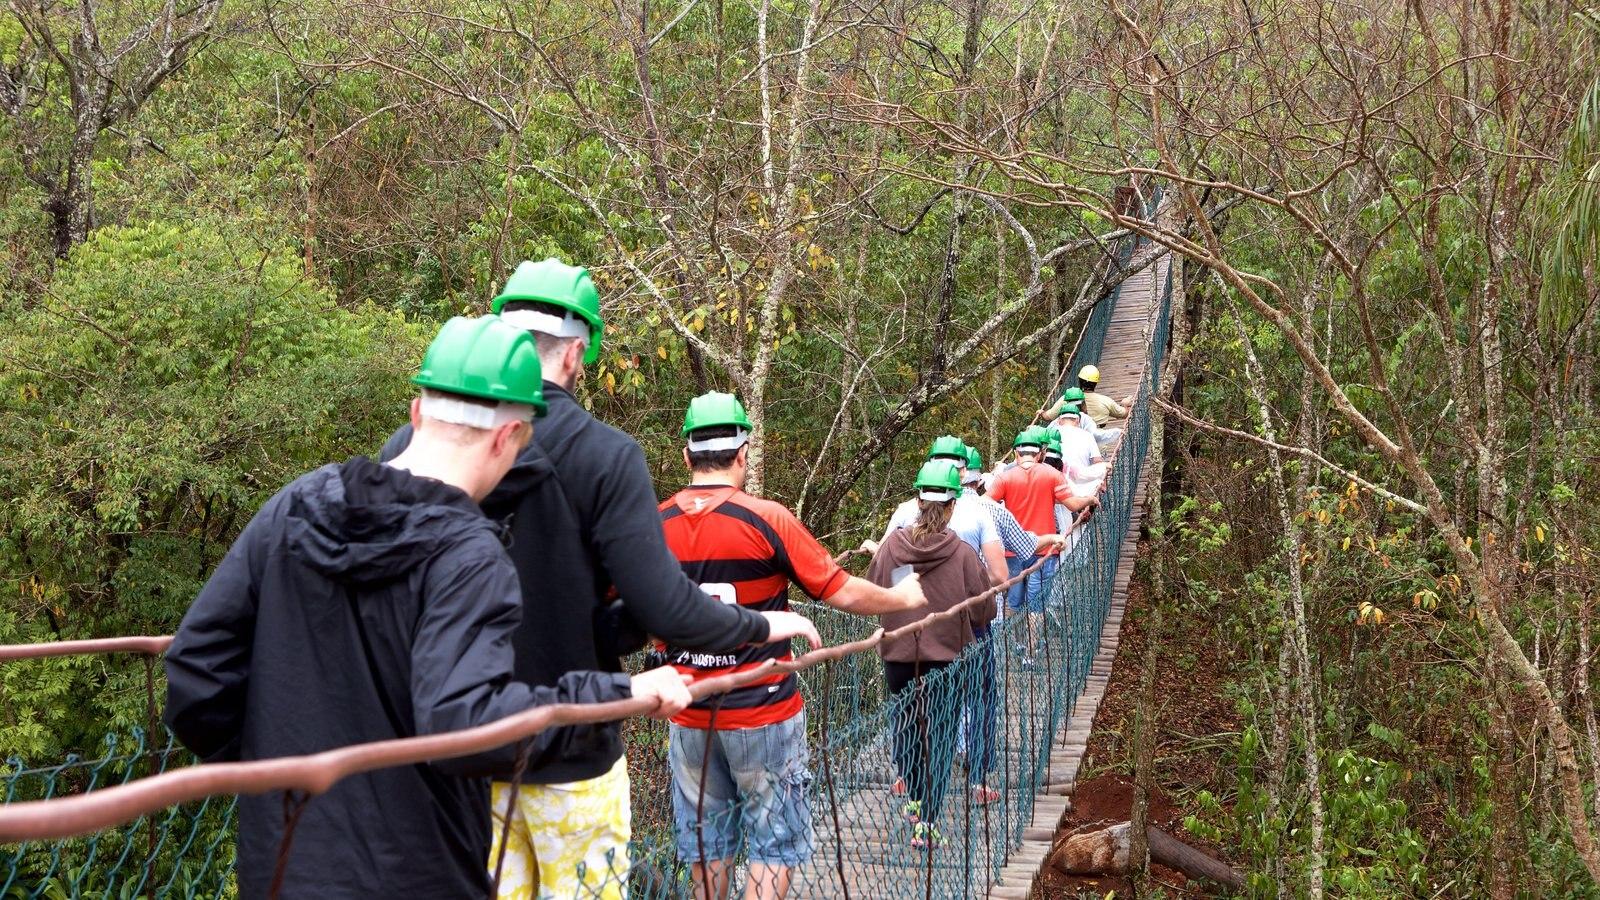 Grutas de São Miguel que inclui florestas e uma ponte suspensa ou passarela entre as árvores assim como um pequeno grupo de pessoas